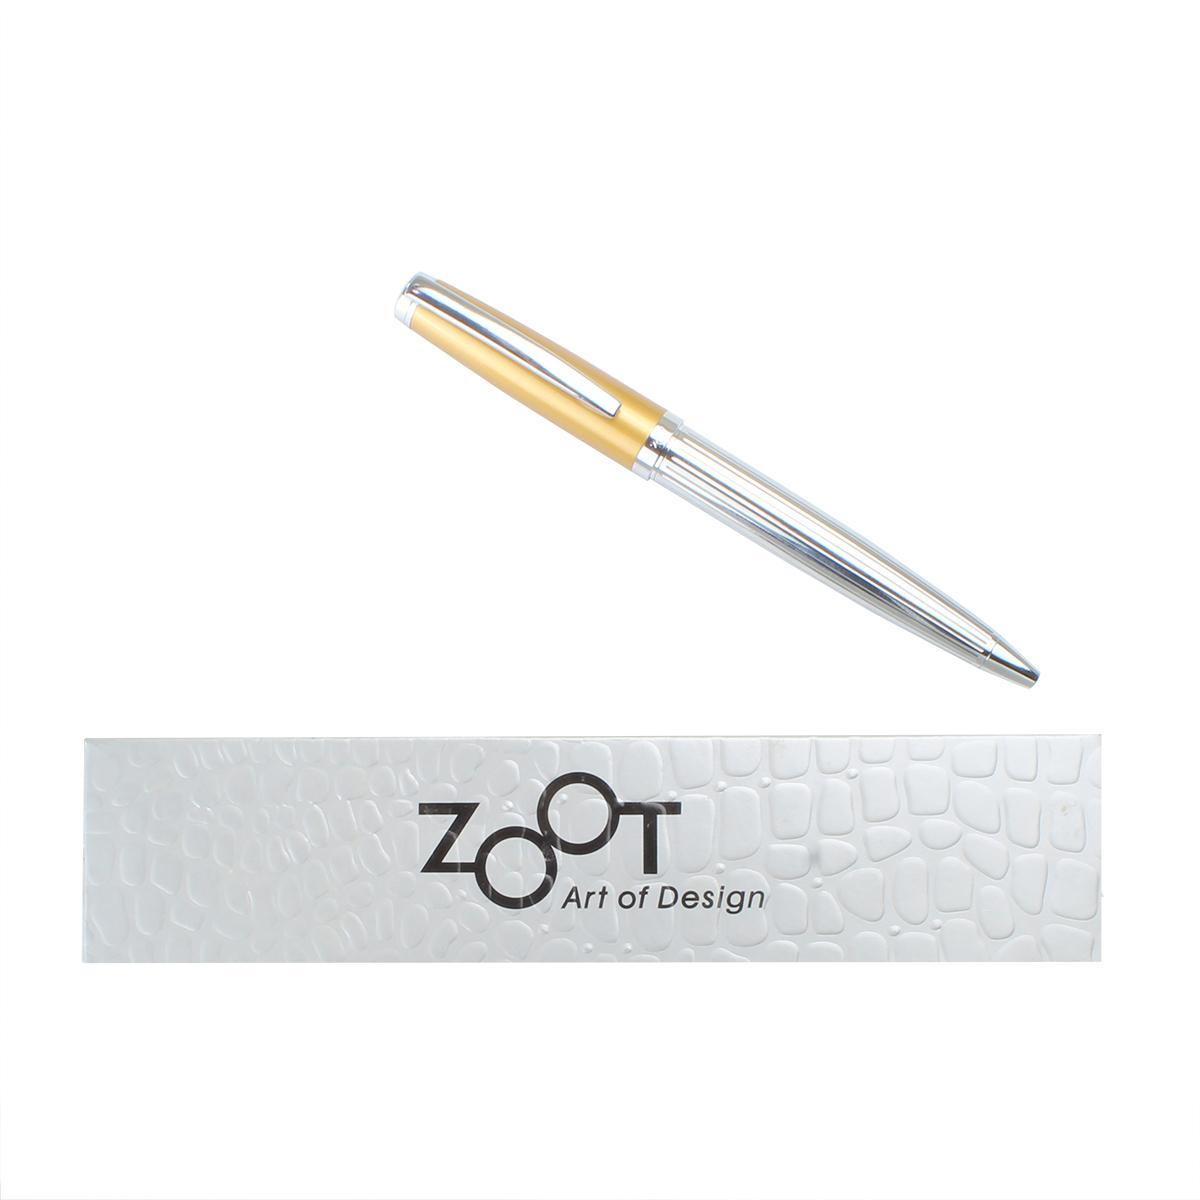 Caneta Esferográfica Zoot Ambition Dourado ZP11450O